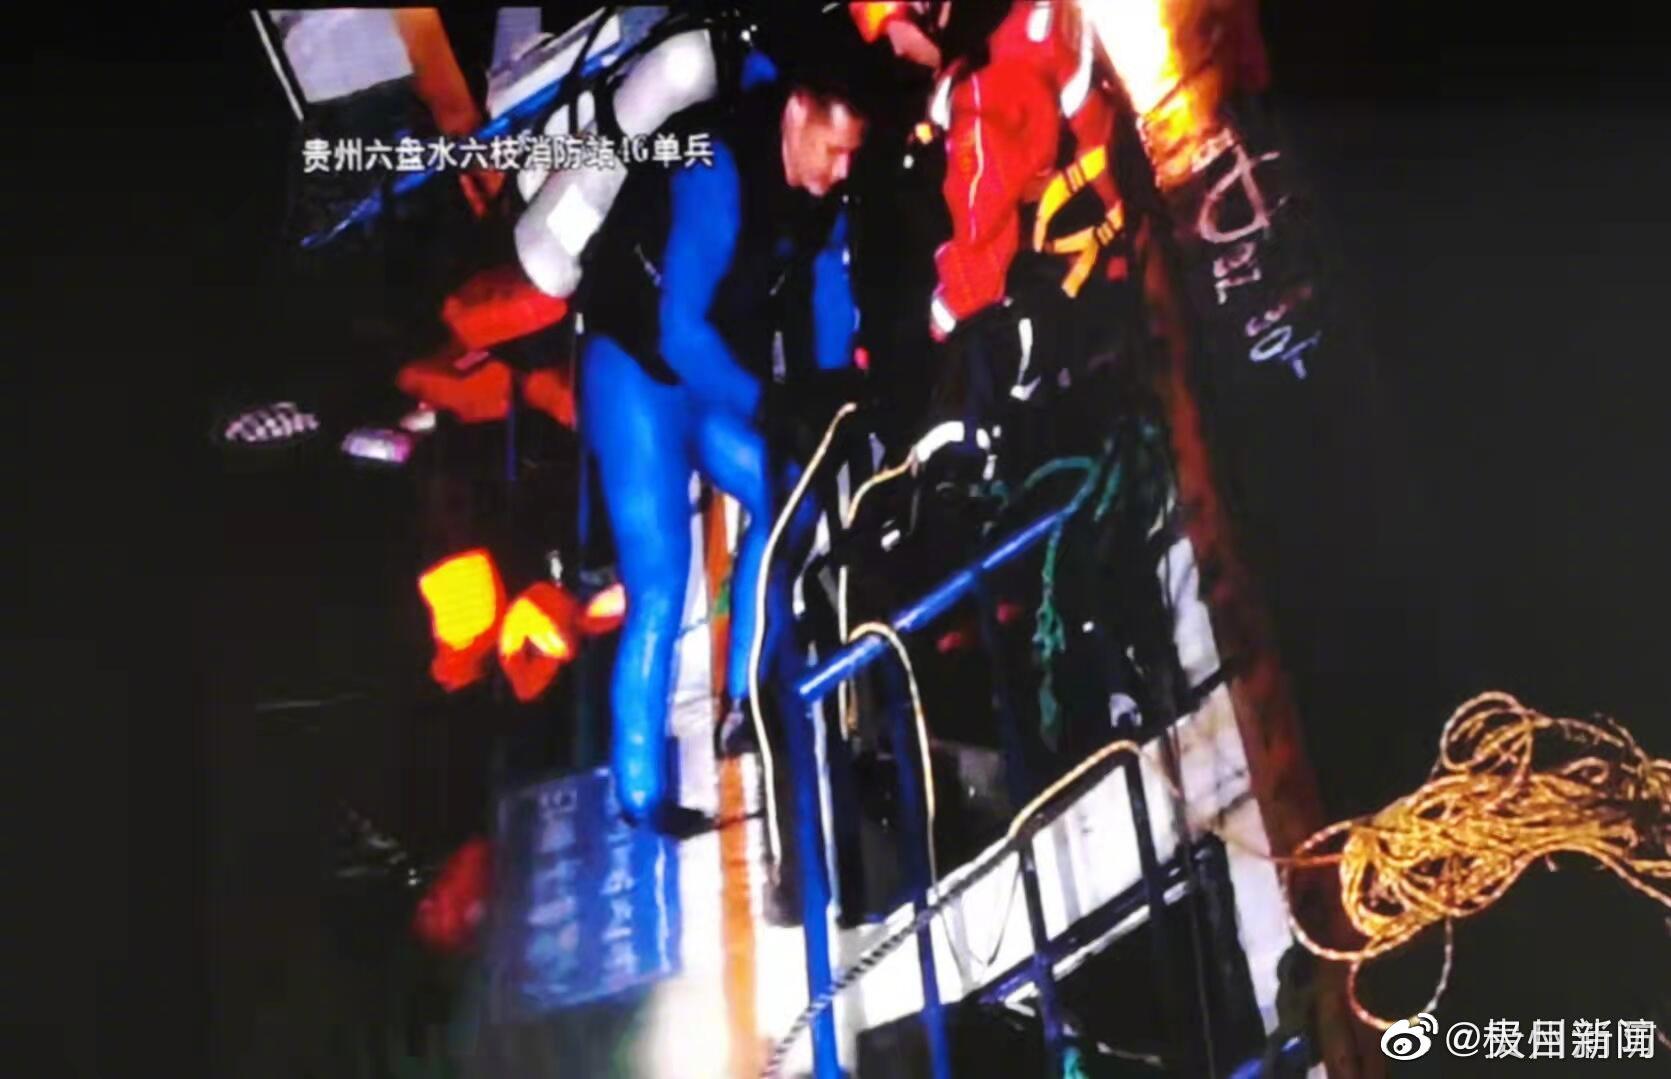 贵州六枝客轮侧翻落水33人均已获救